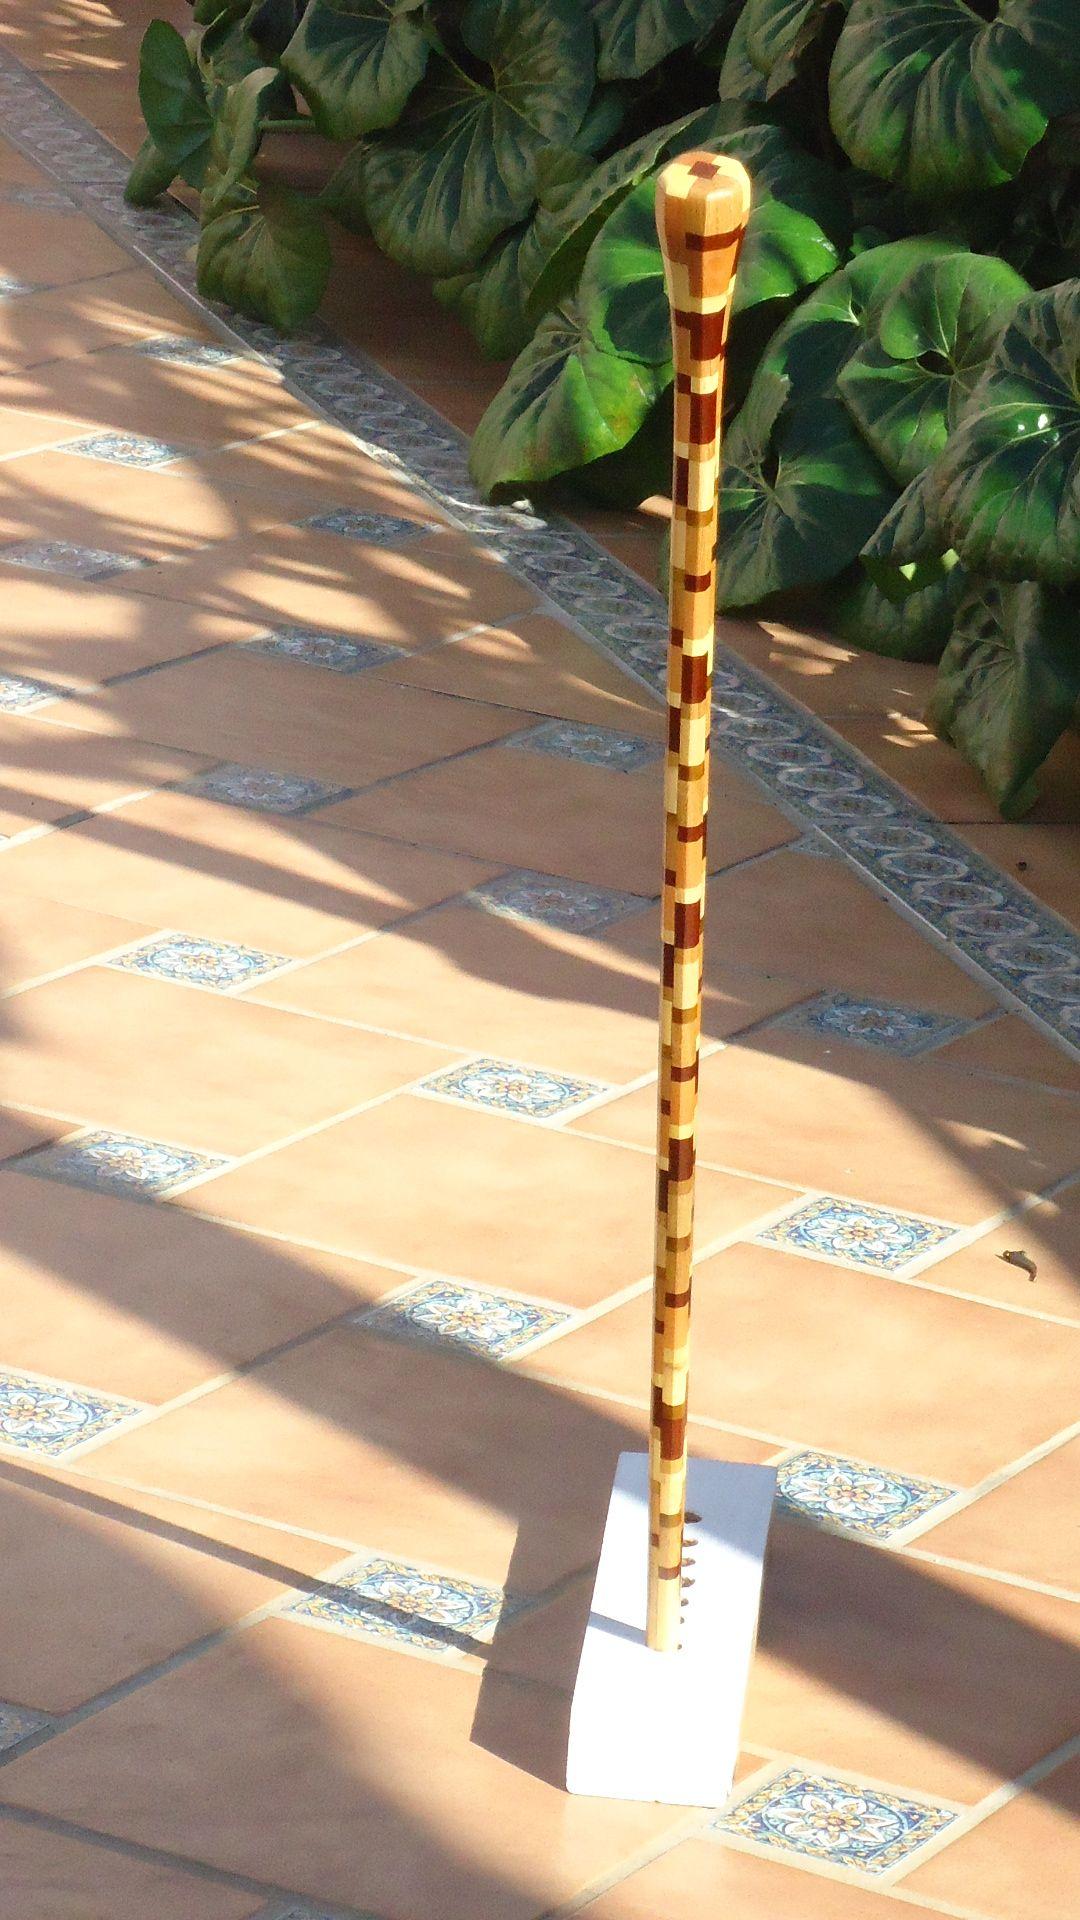 Baston nº 35. Con 48 piezas de madera de limon de Cartama 24 de acacia de Escocia 50 de roble americano 23 de haya de Rumania y46 de caoba de Cuba. R. Cueto